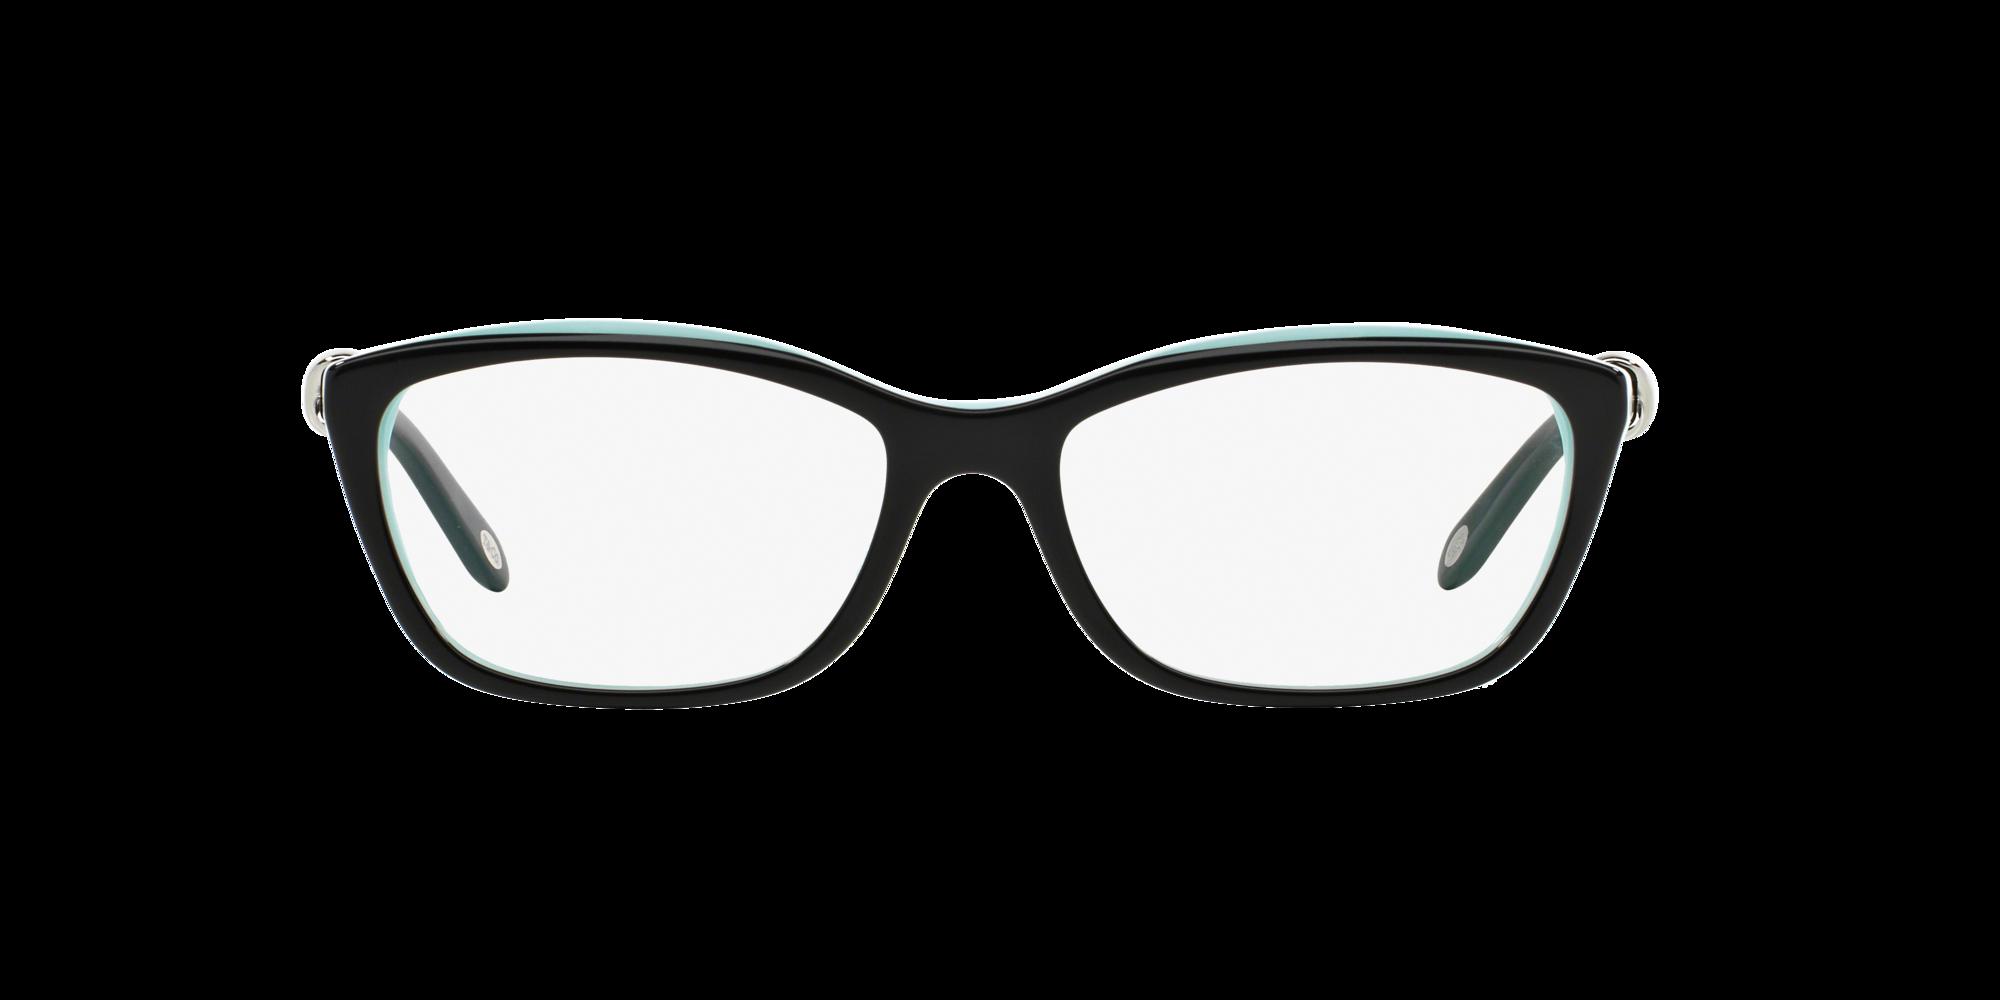 Imagen para TF2074 de LensCrafters |  Espejuelos, espejuelos graduados en línea, gafas